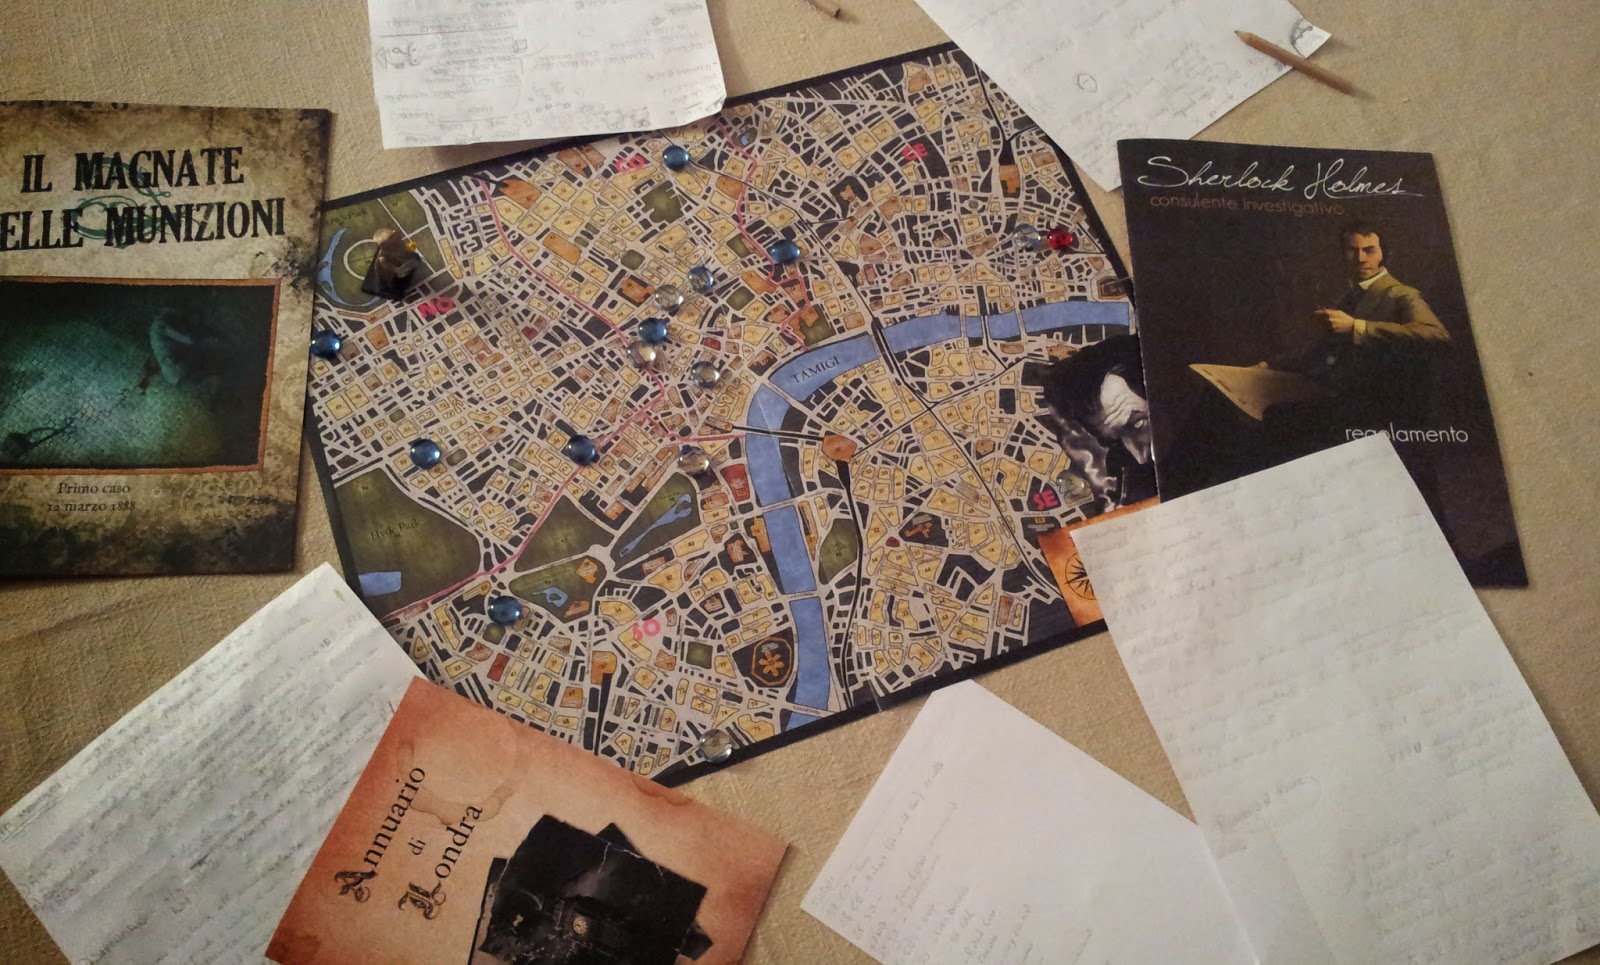 Sherlock holmes consulente investigativo recensione giochi sul nostro tavolo - Sherlock holmes gioco da tavolo ...